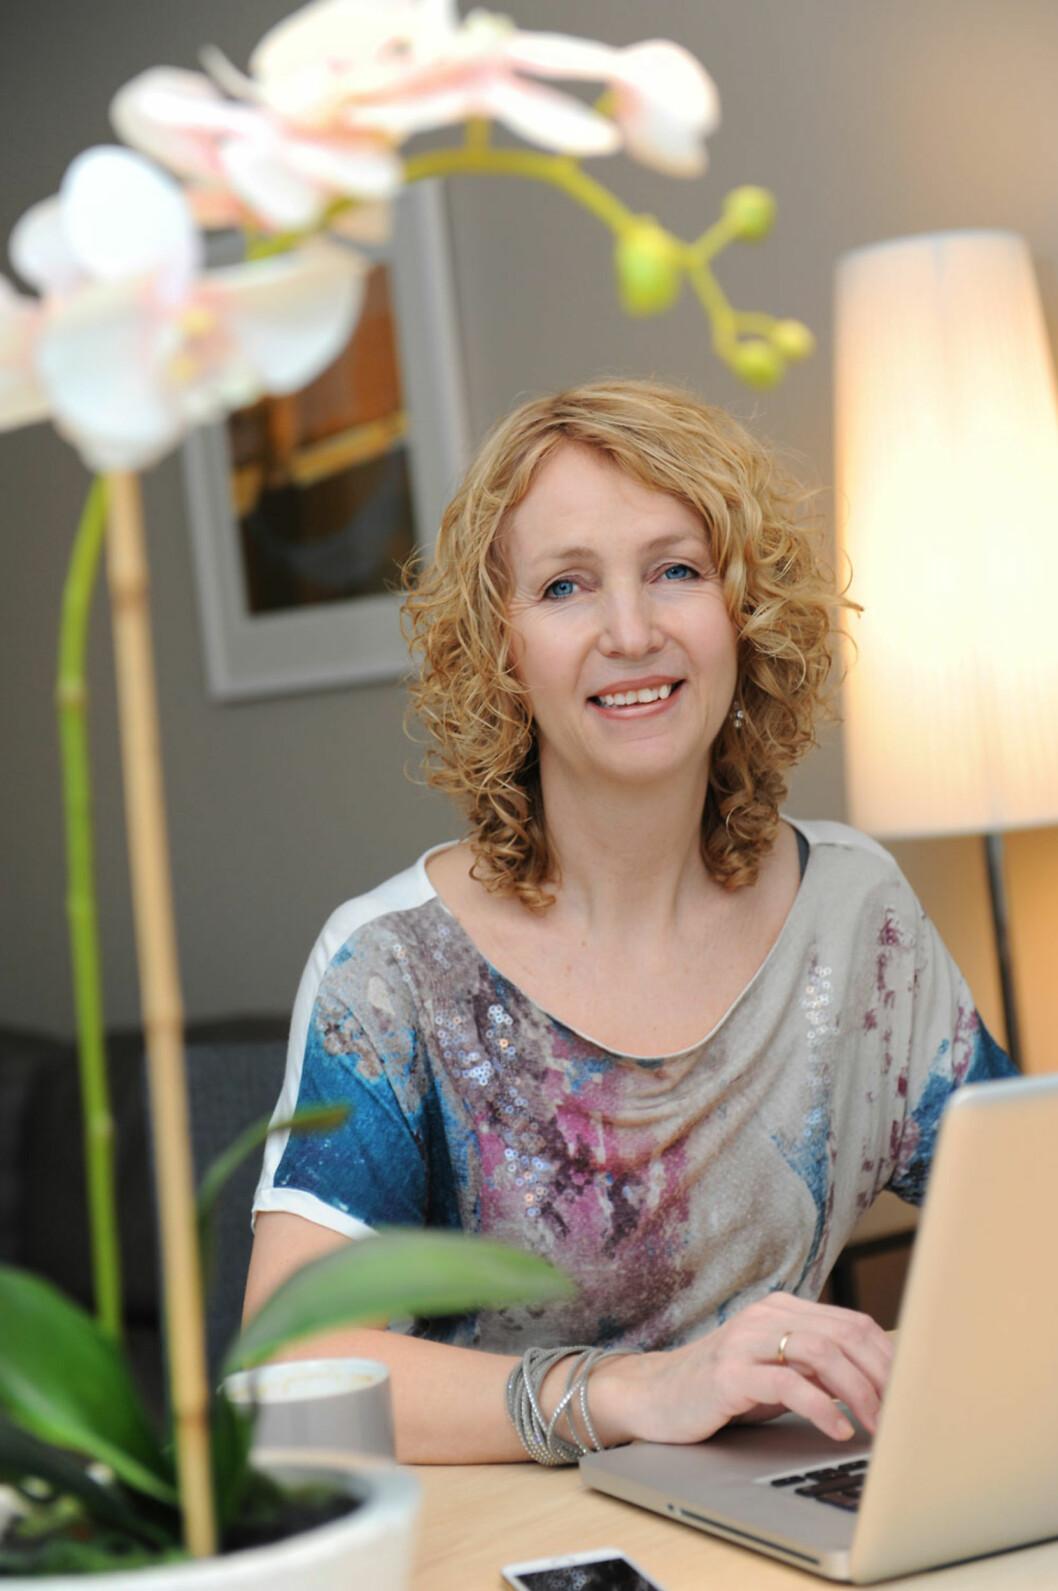 NETTVERK: Elin har hatt stor nytte og hjelp av MS-pasienter i andre land - via internett.